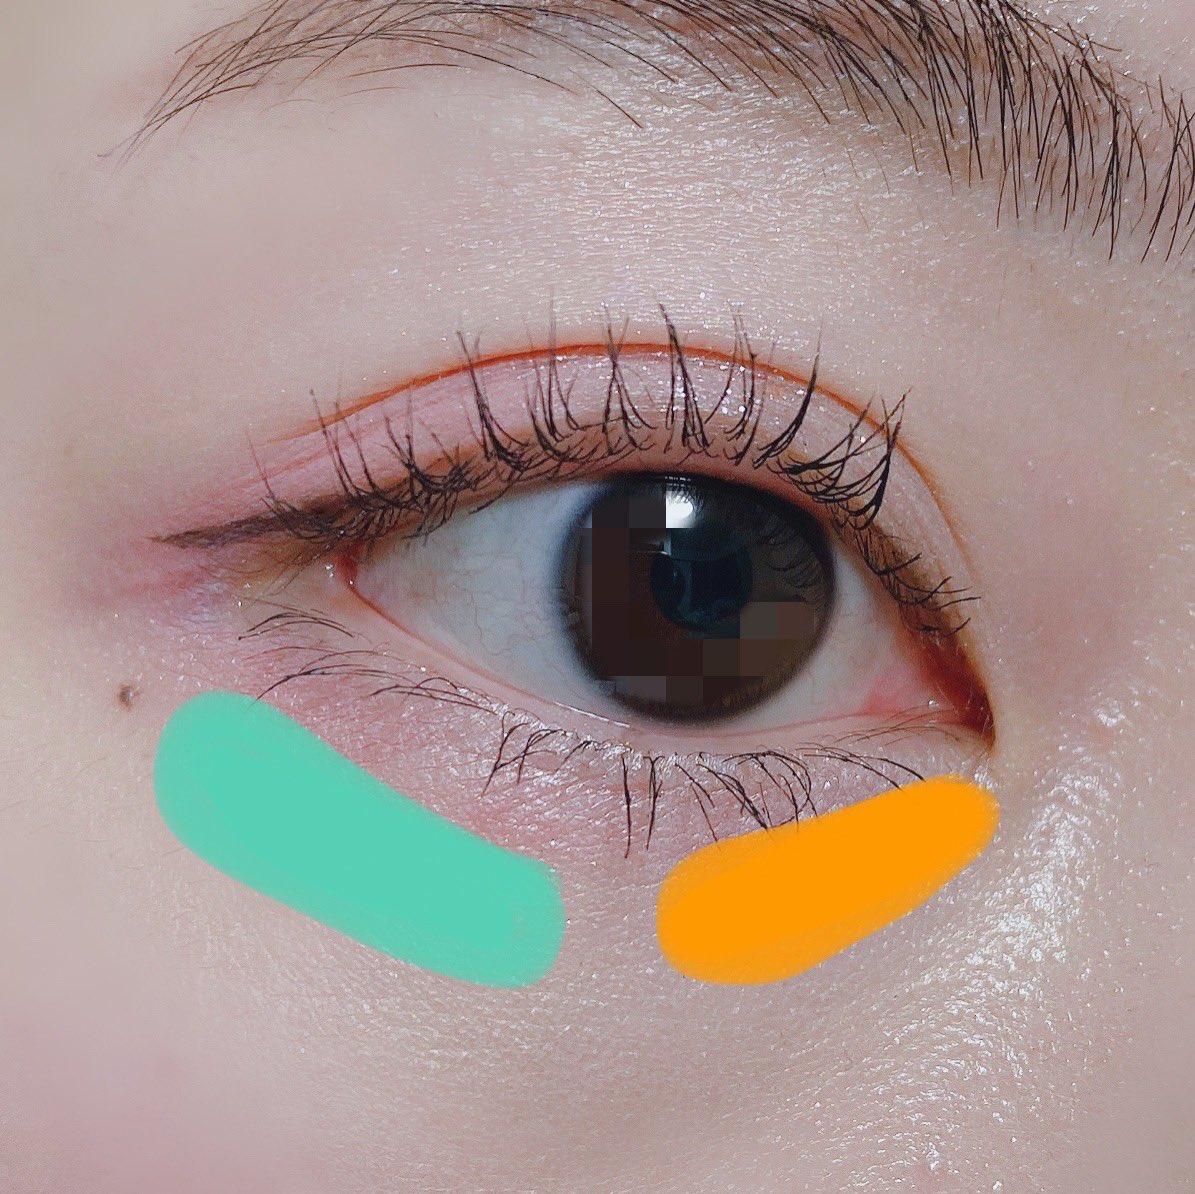 コンシーラーで涙袋をさらにぷっくり見せる方法!目の形の印象を変える効果も!